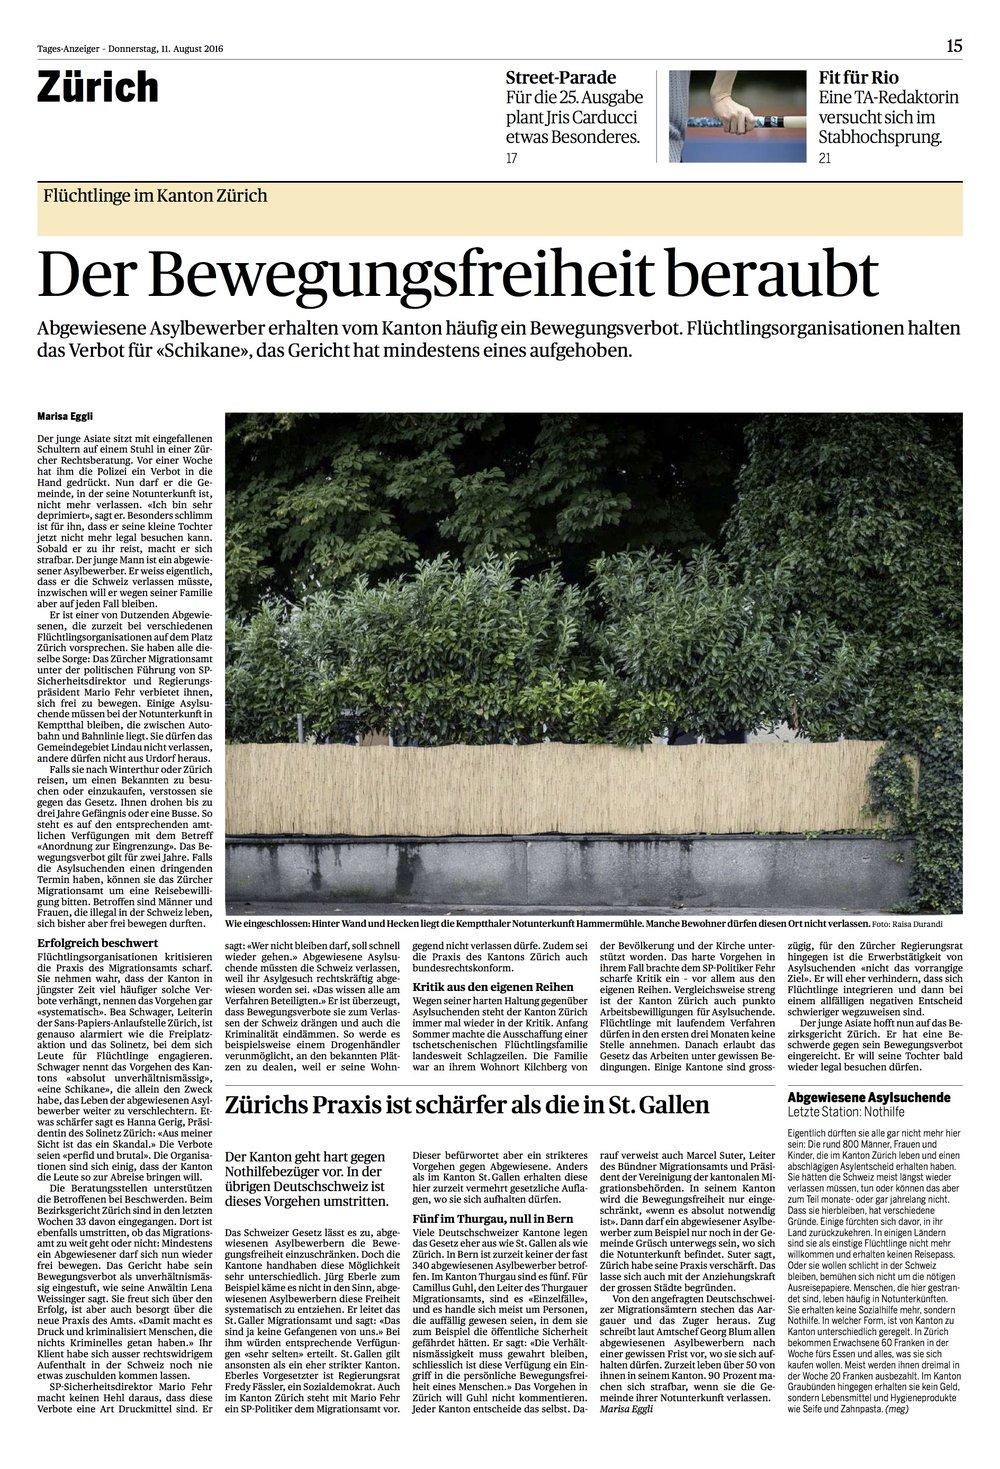 Seite_15_Tages-Anzeiger_2016-08-11 Kopie.jpg